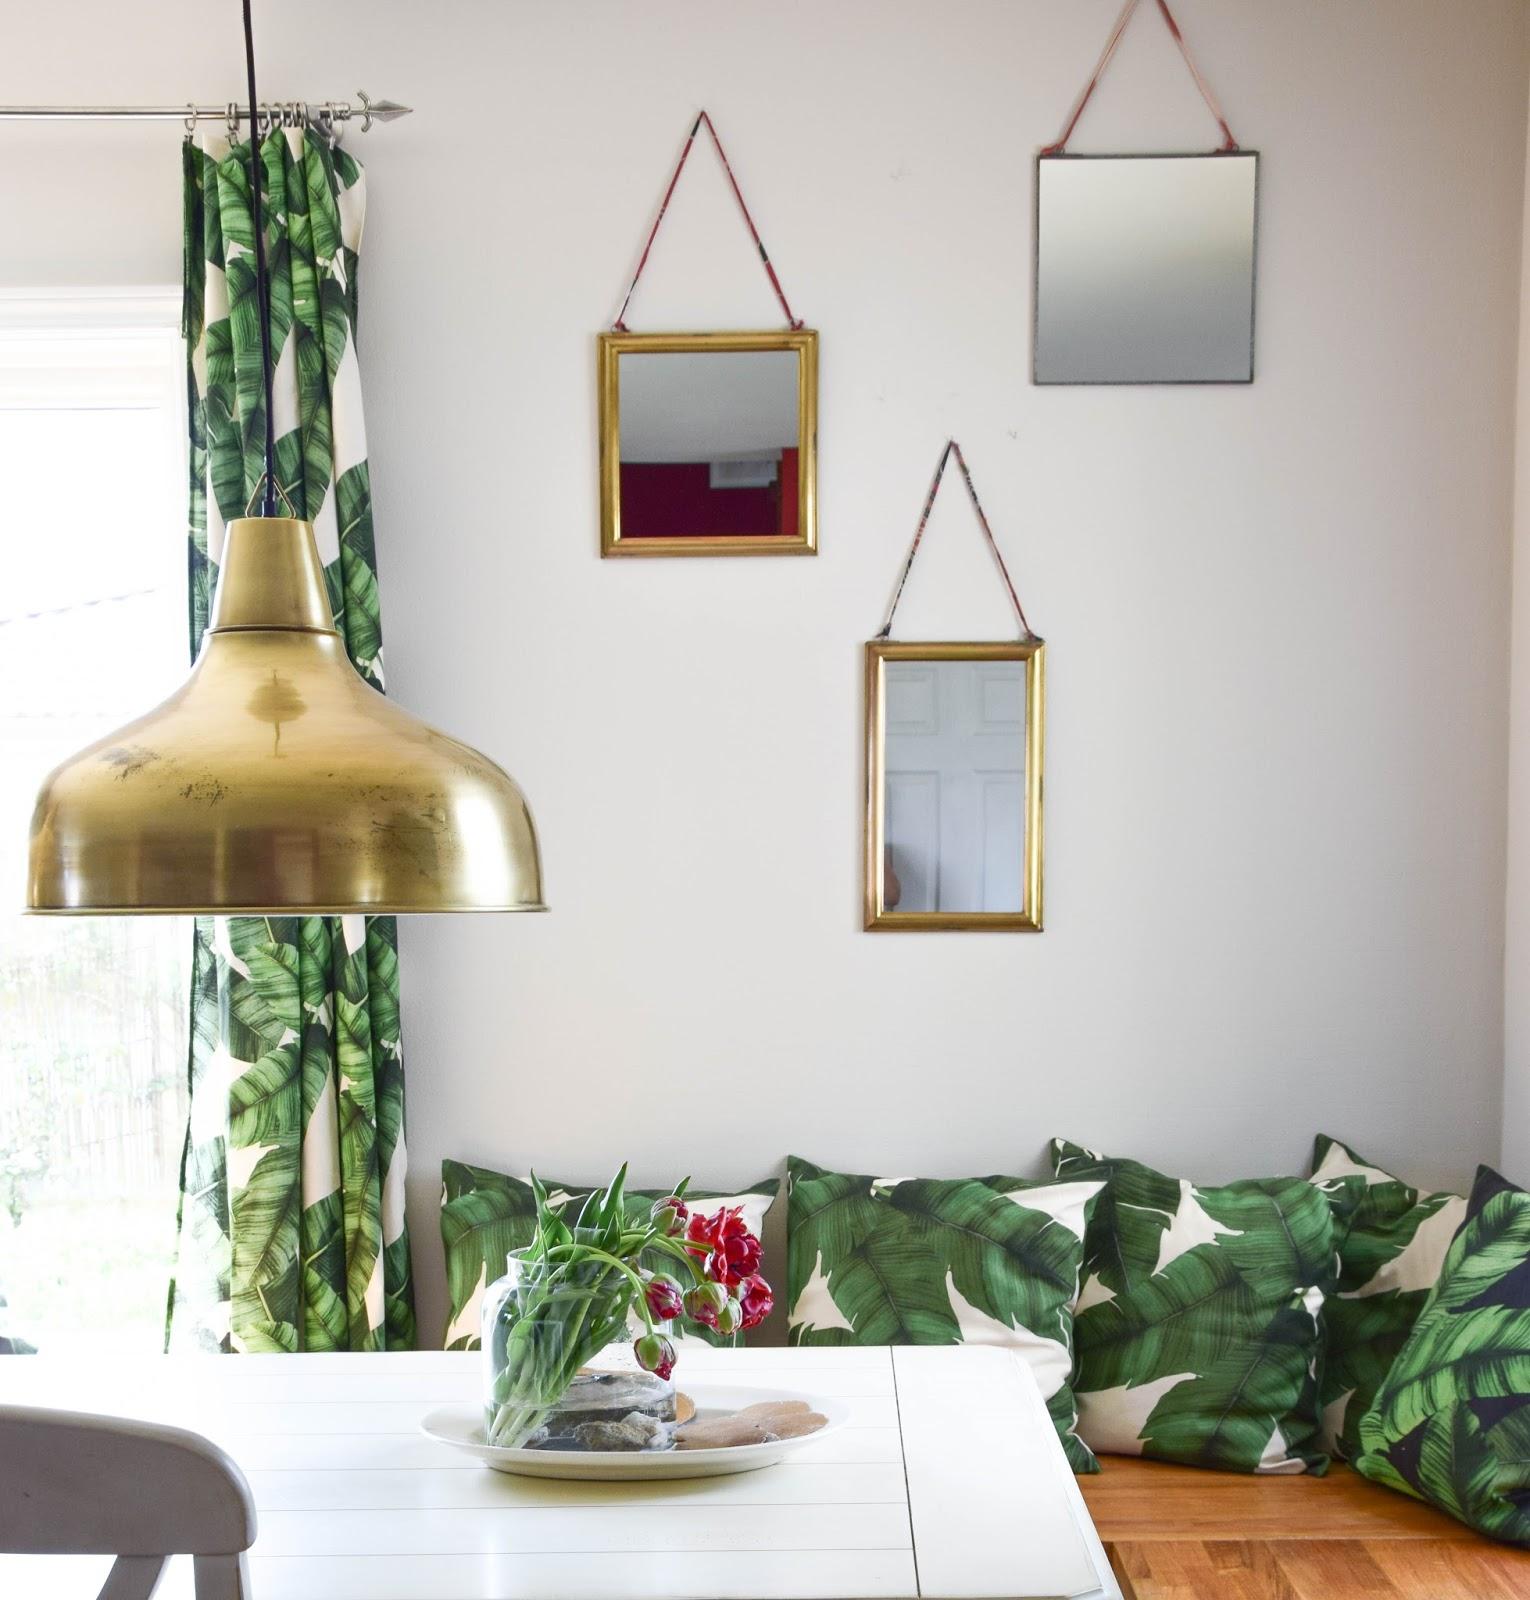 Deko Mit Spiegeln Für Die Esszimmerwand. Dekoidee Wand. Dekoration,  Blumendeko